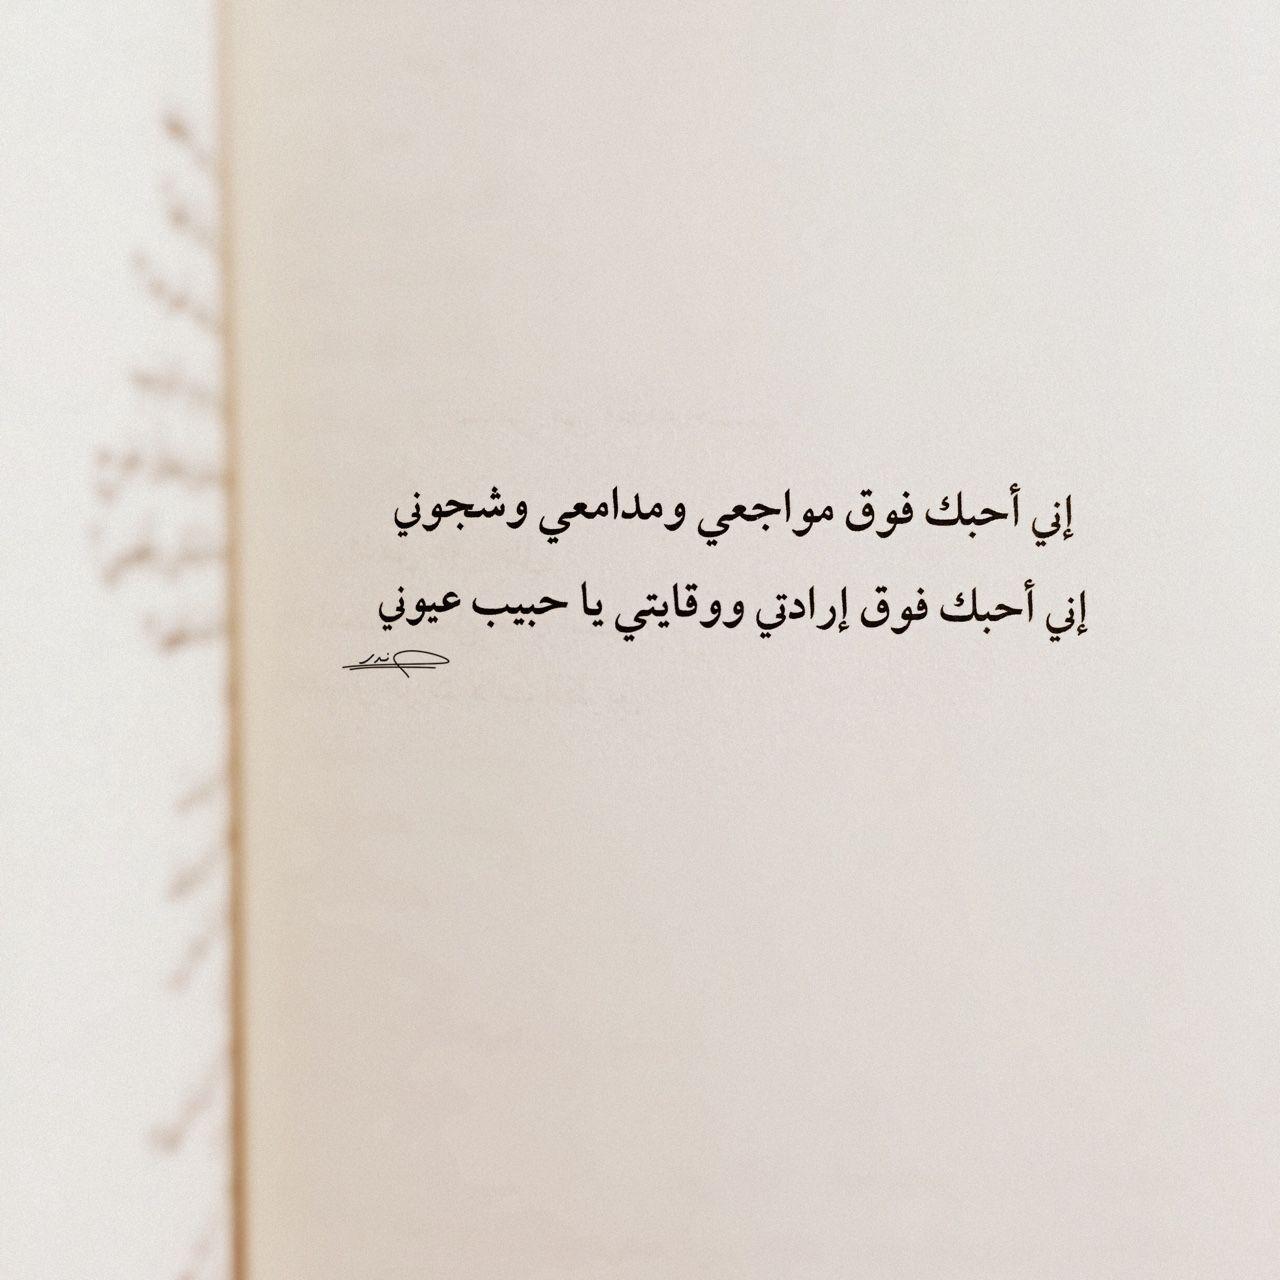 اني احبك فوق اراتي يا حبيب عيوني م Iphone Wallpaper Quotes Love Love Quotes Wallpaper Spirit Quotes